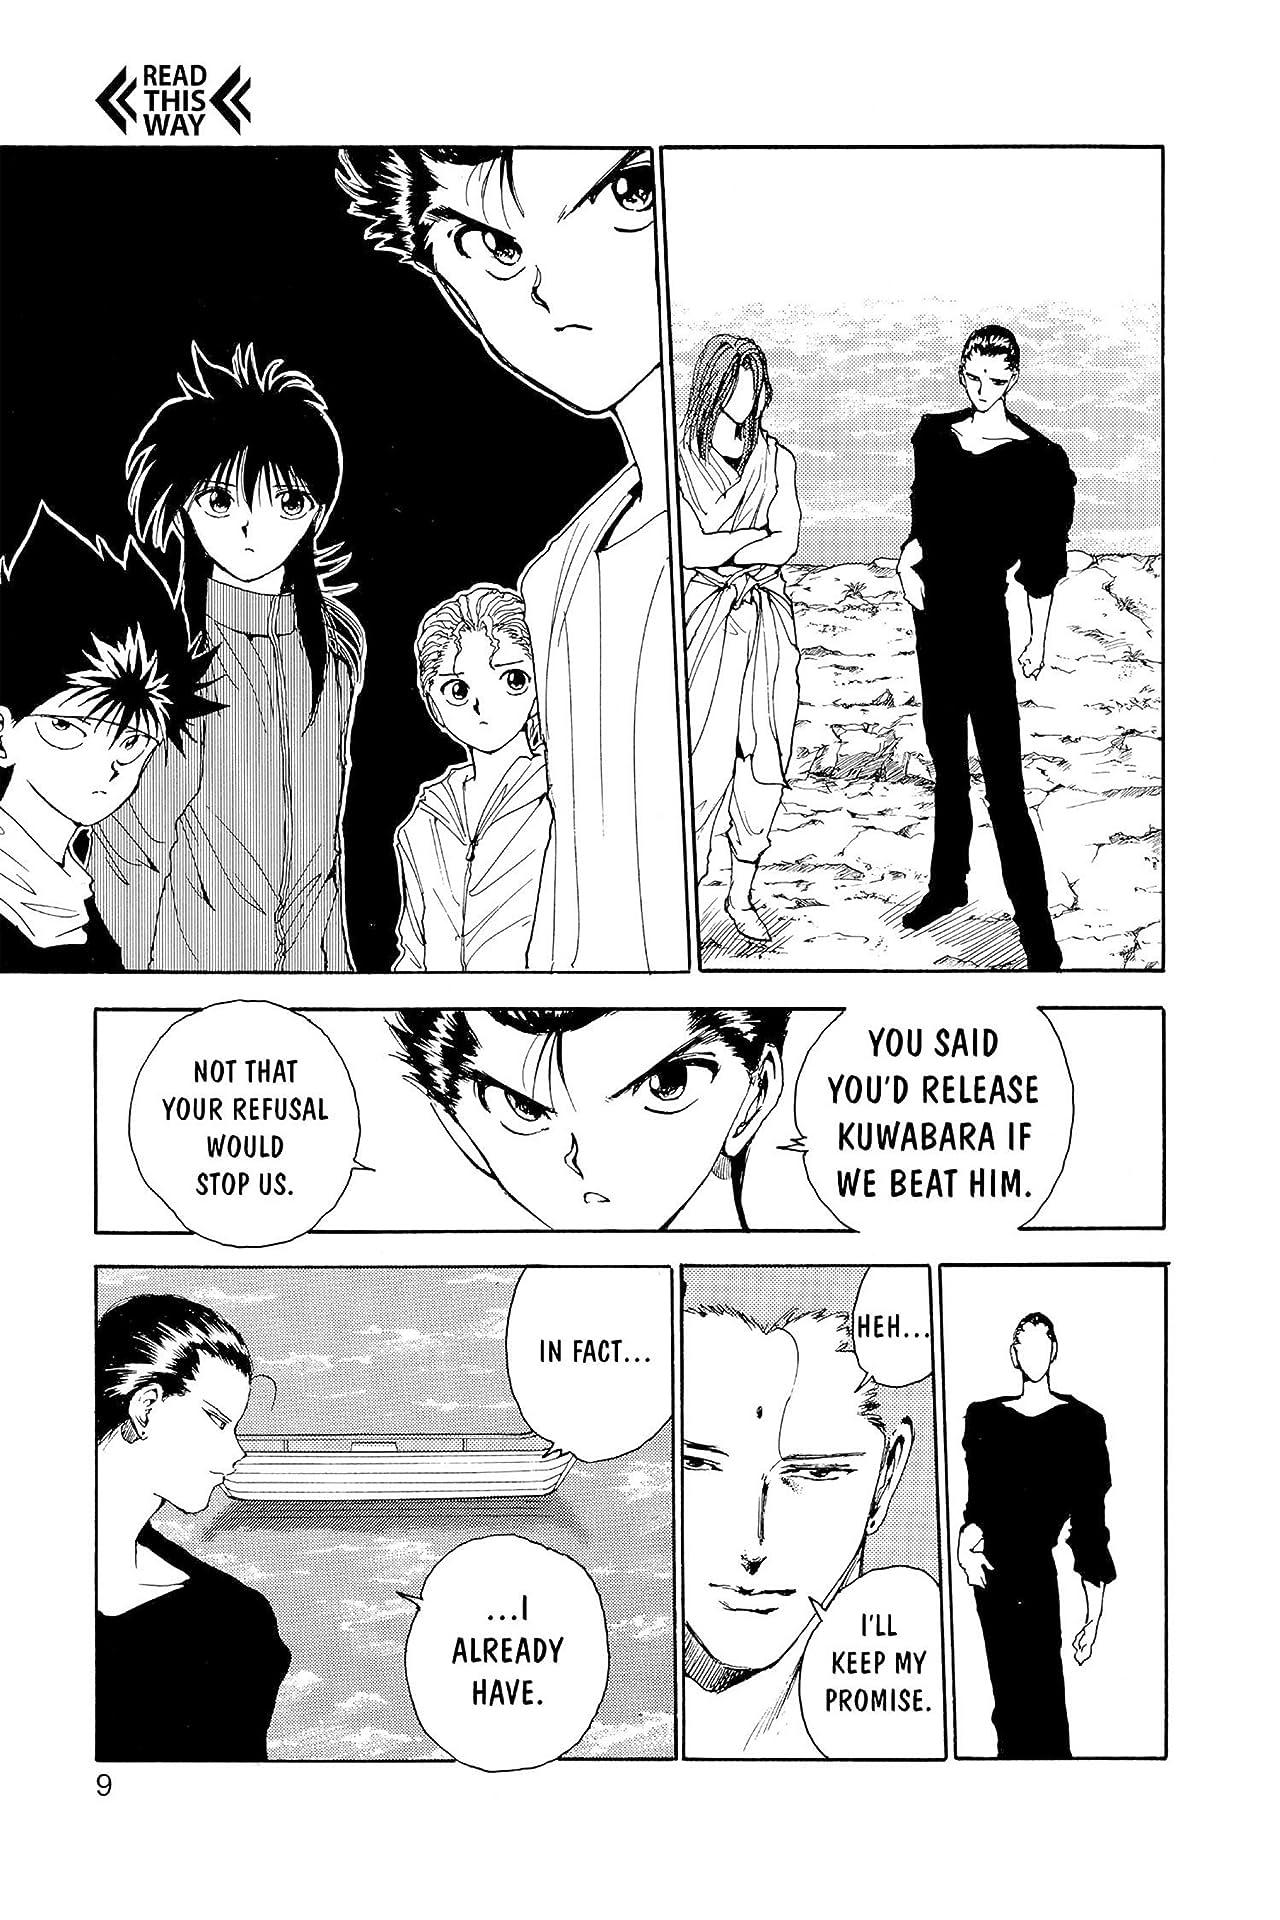 YuYu Hakusho Vol. 16